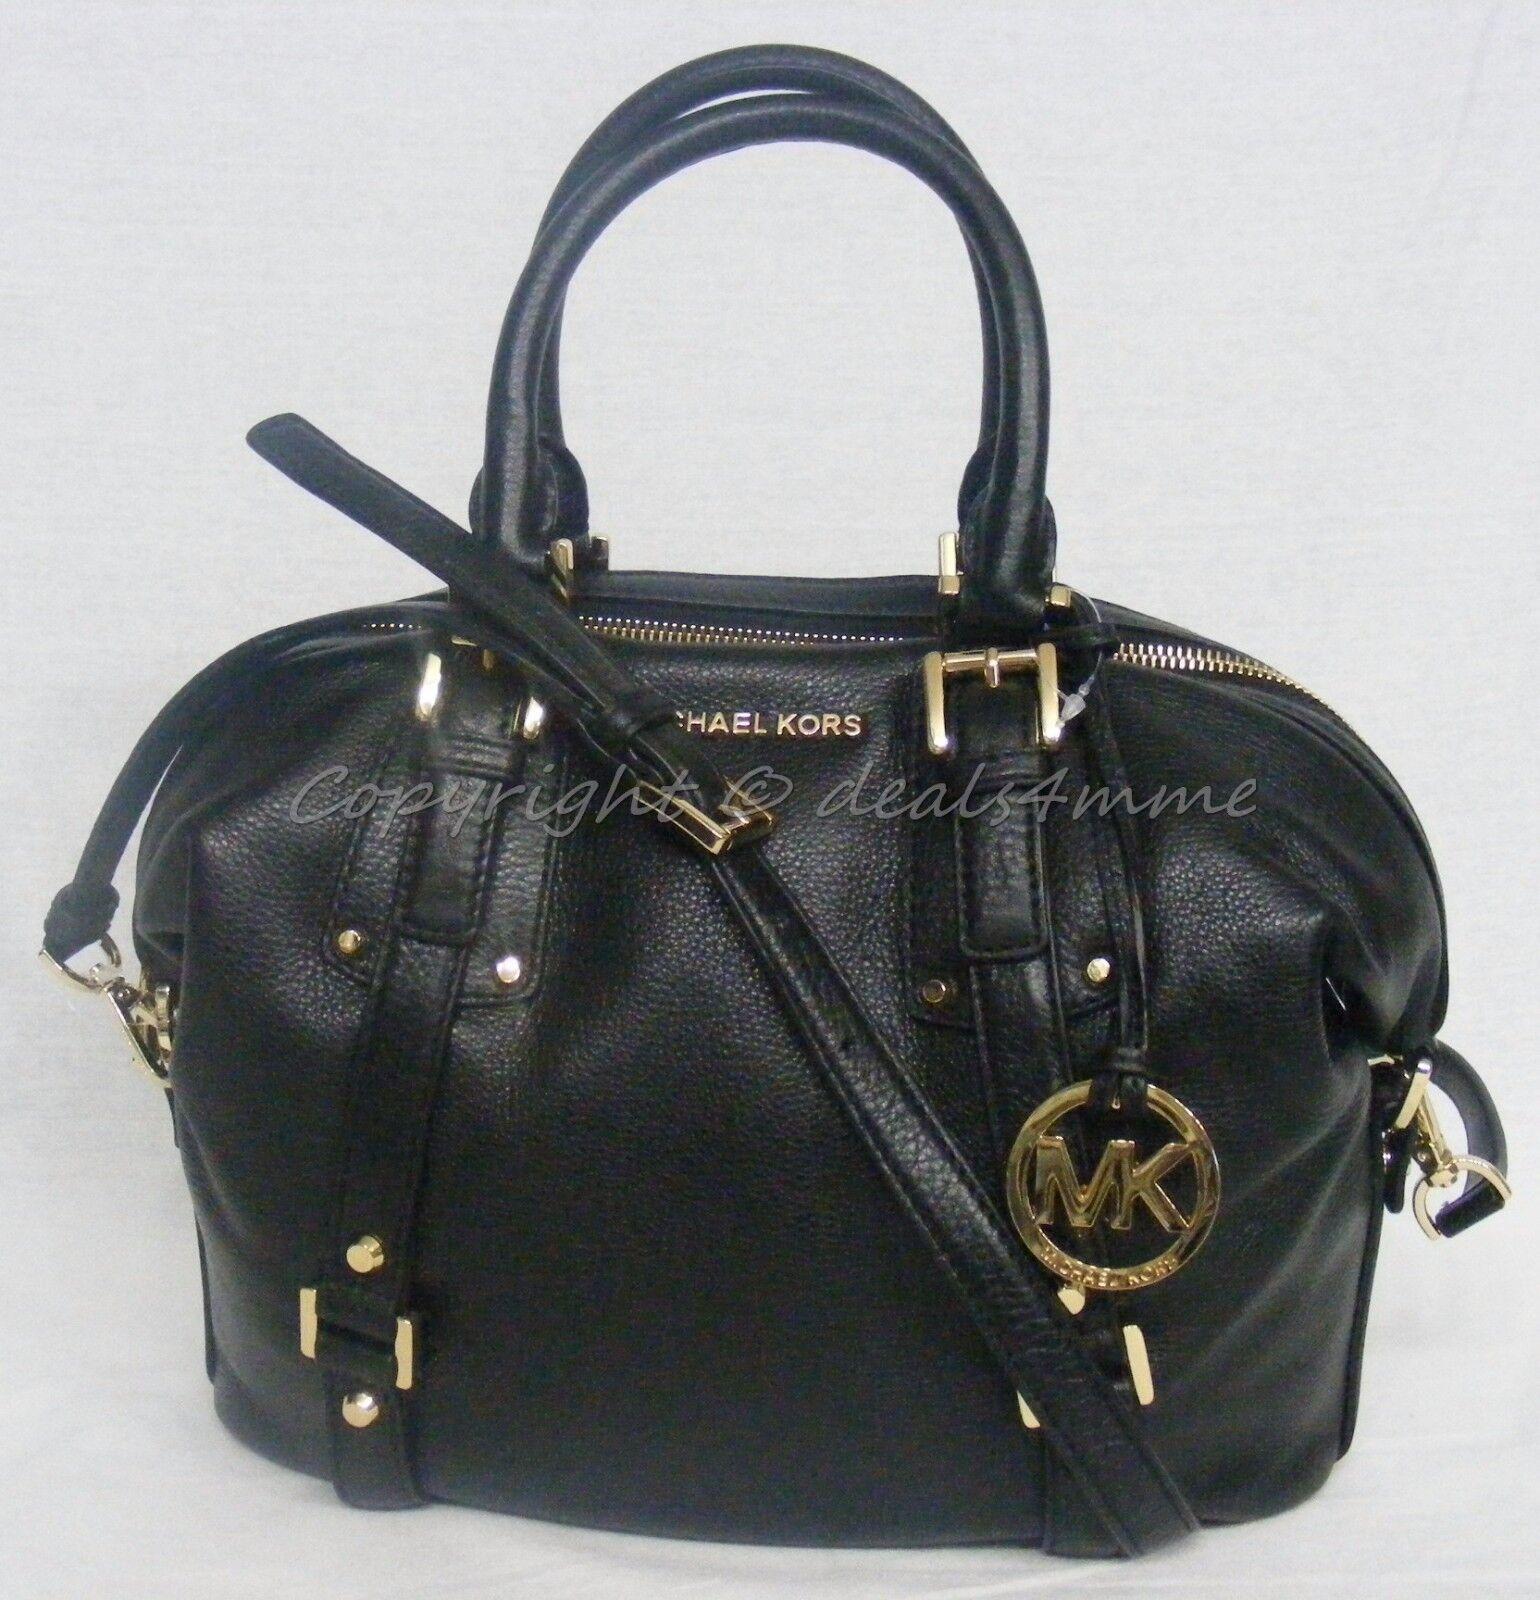 NWT Michael Kors Bedford Belted Medium Leather SatchelShoulder Bag in Black